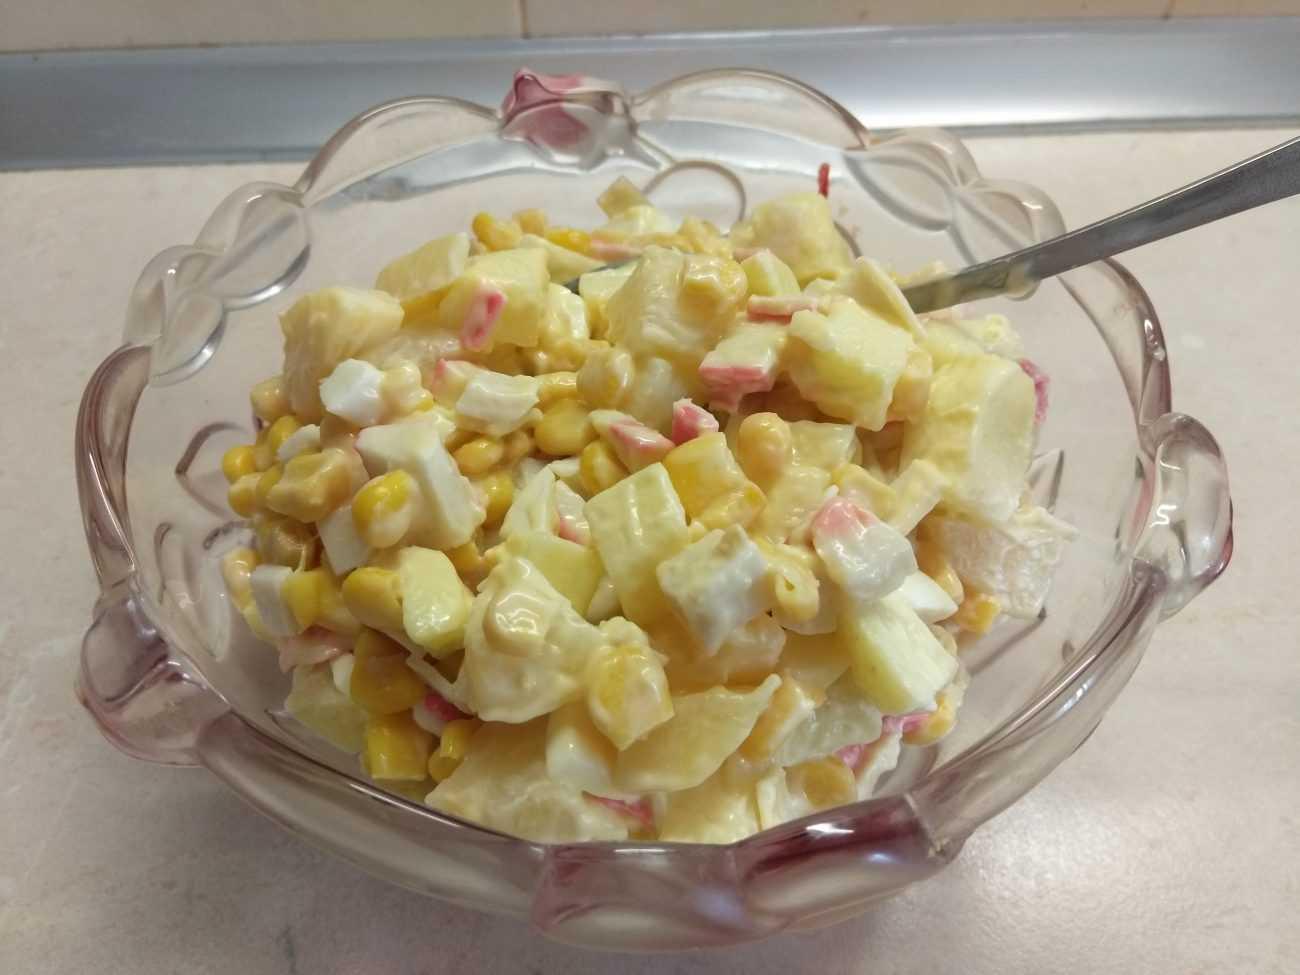 Крабовый салат с ананасами пошаговый рецепт быстро и просто от риды хасановой